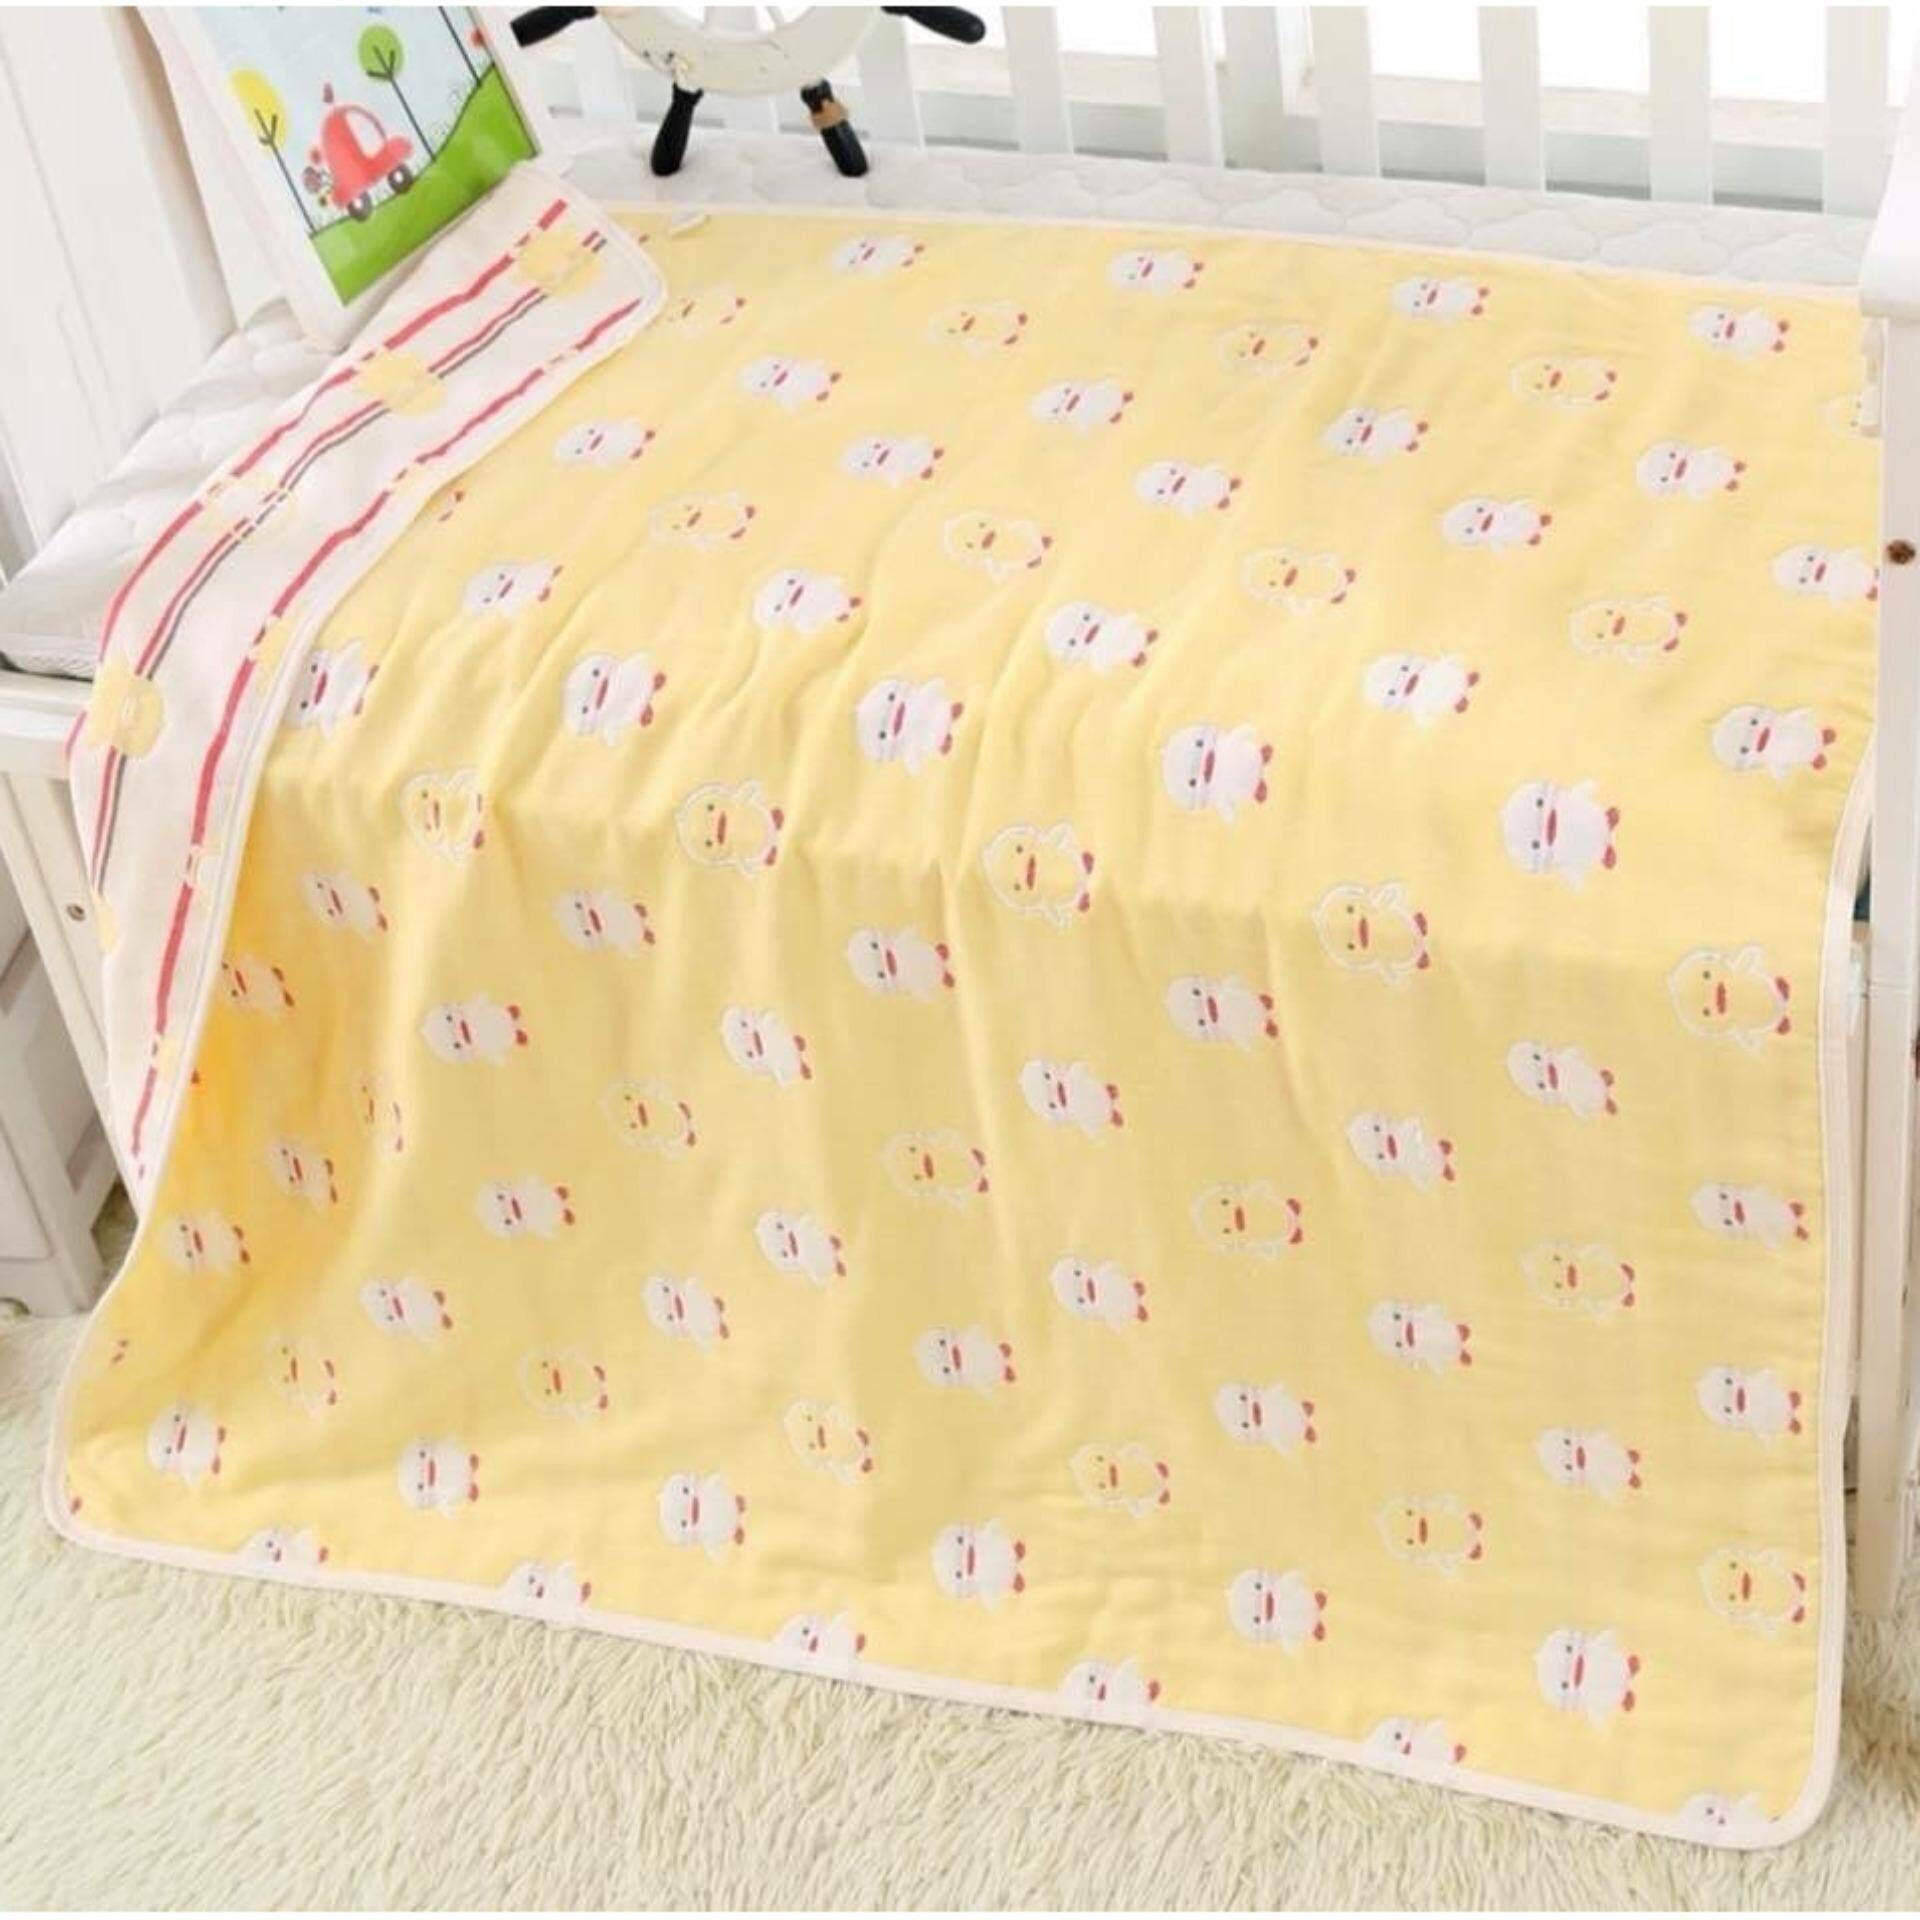 ผ้าห่มผ้าฝ้ายญี่ปุ่น สำหรับเด็กทอลายทั้งผืน ลายลูกเจี๊ยบ.